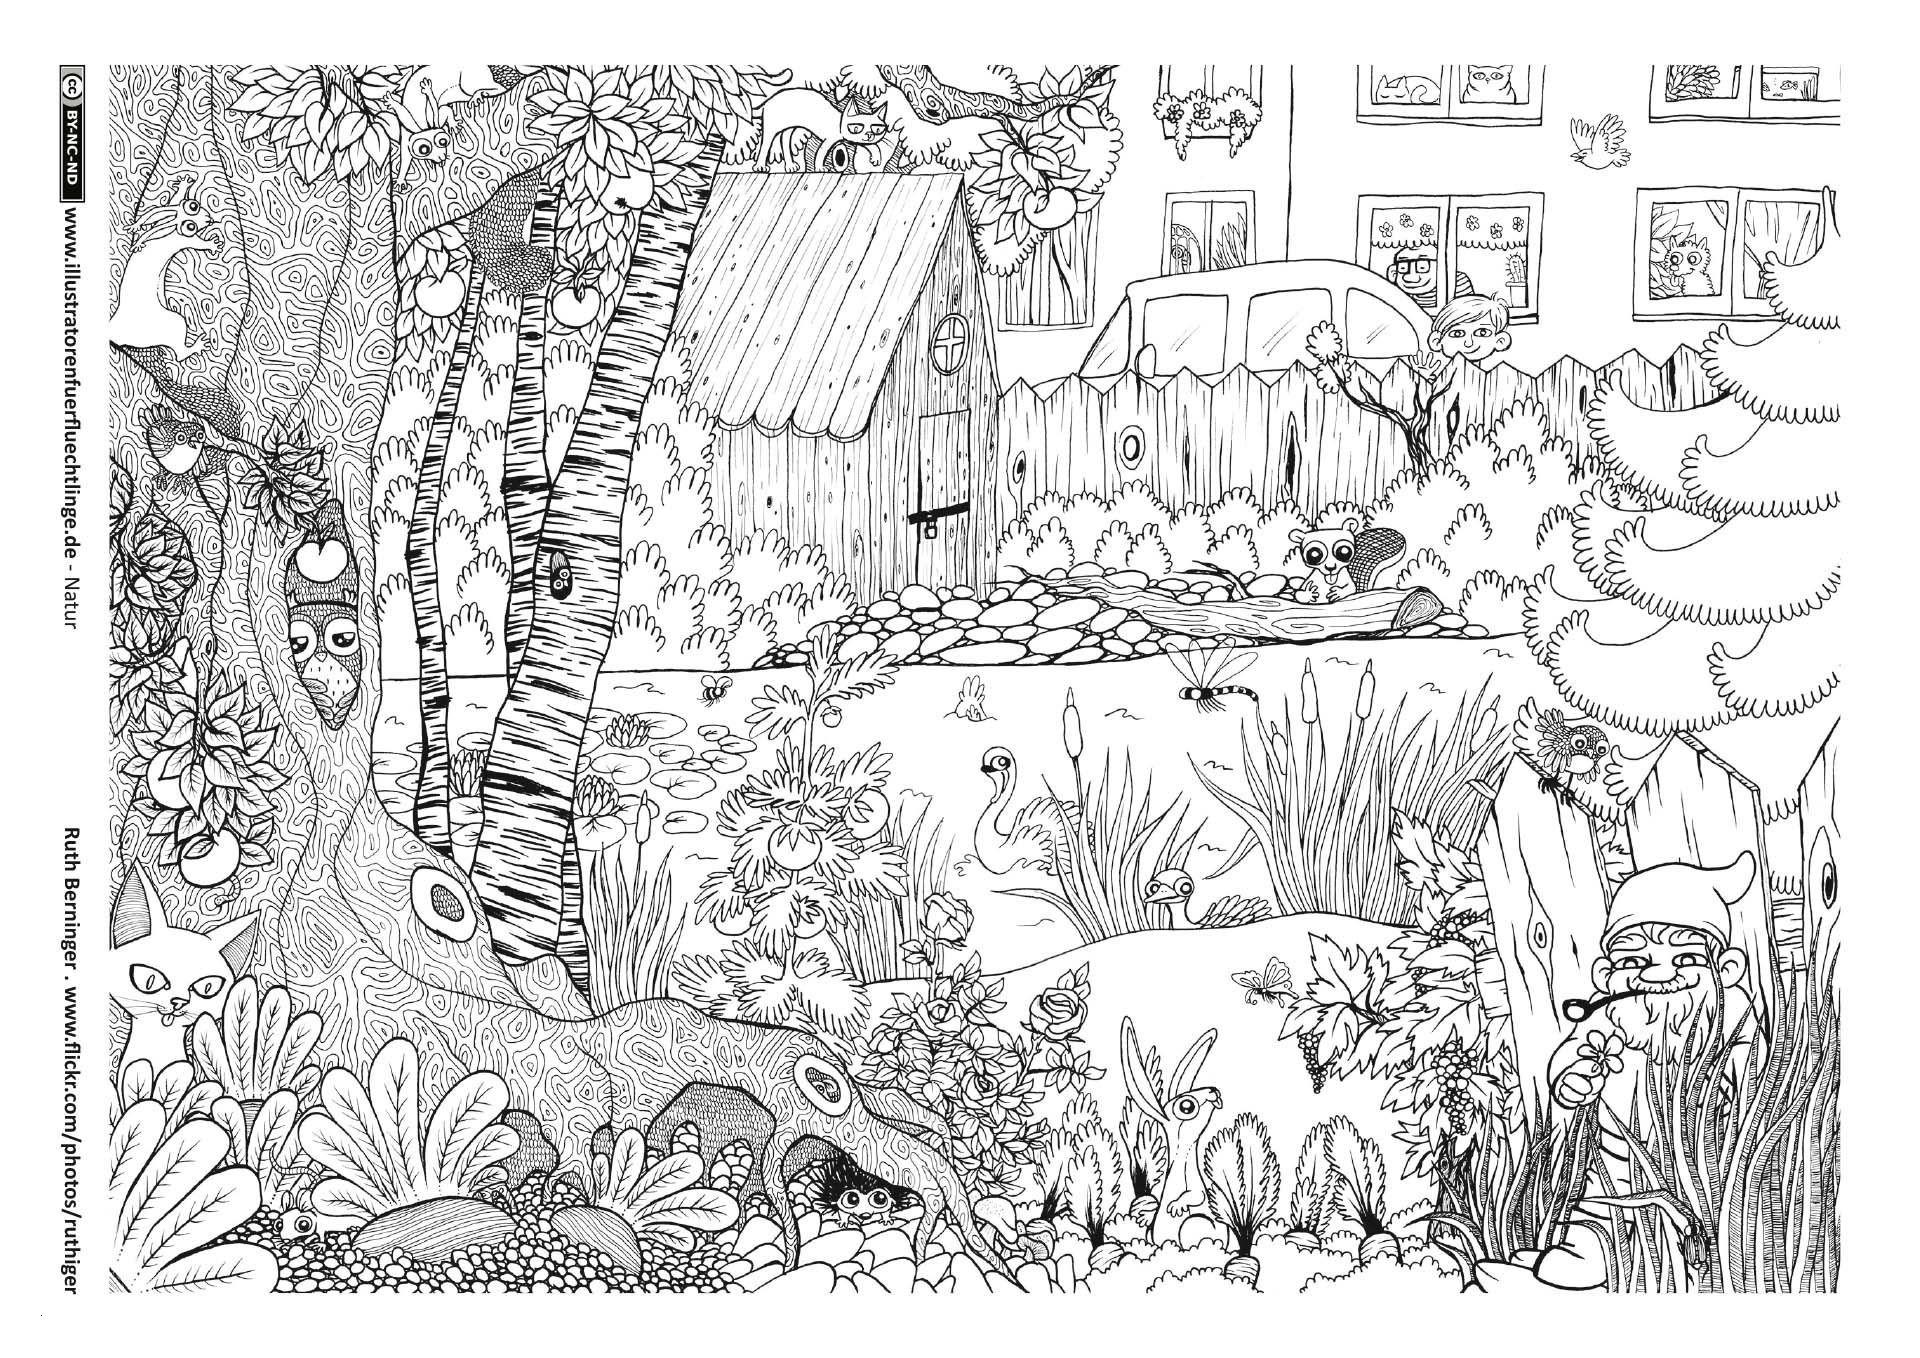 Raupe Nimmersatt Ausmalbild Einzigartig Ausmalbilder Haus Mit Garten Uploadertalk Schön Ausmalbilder Haus Sammlung